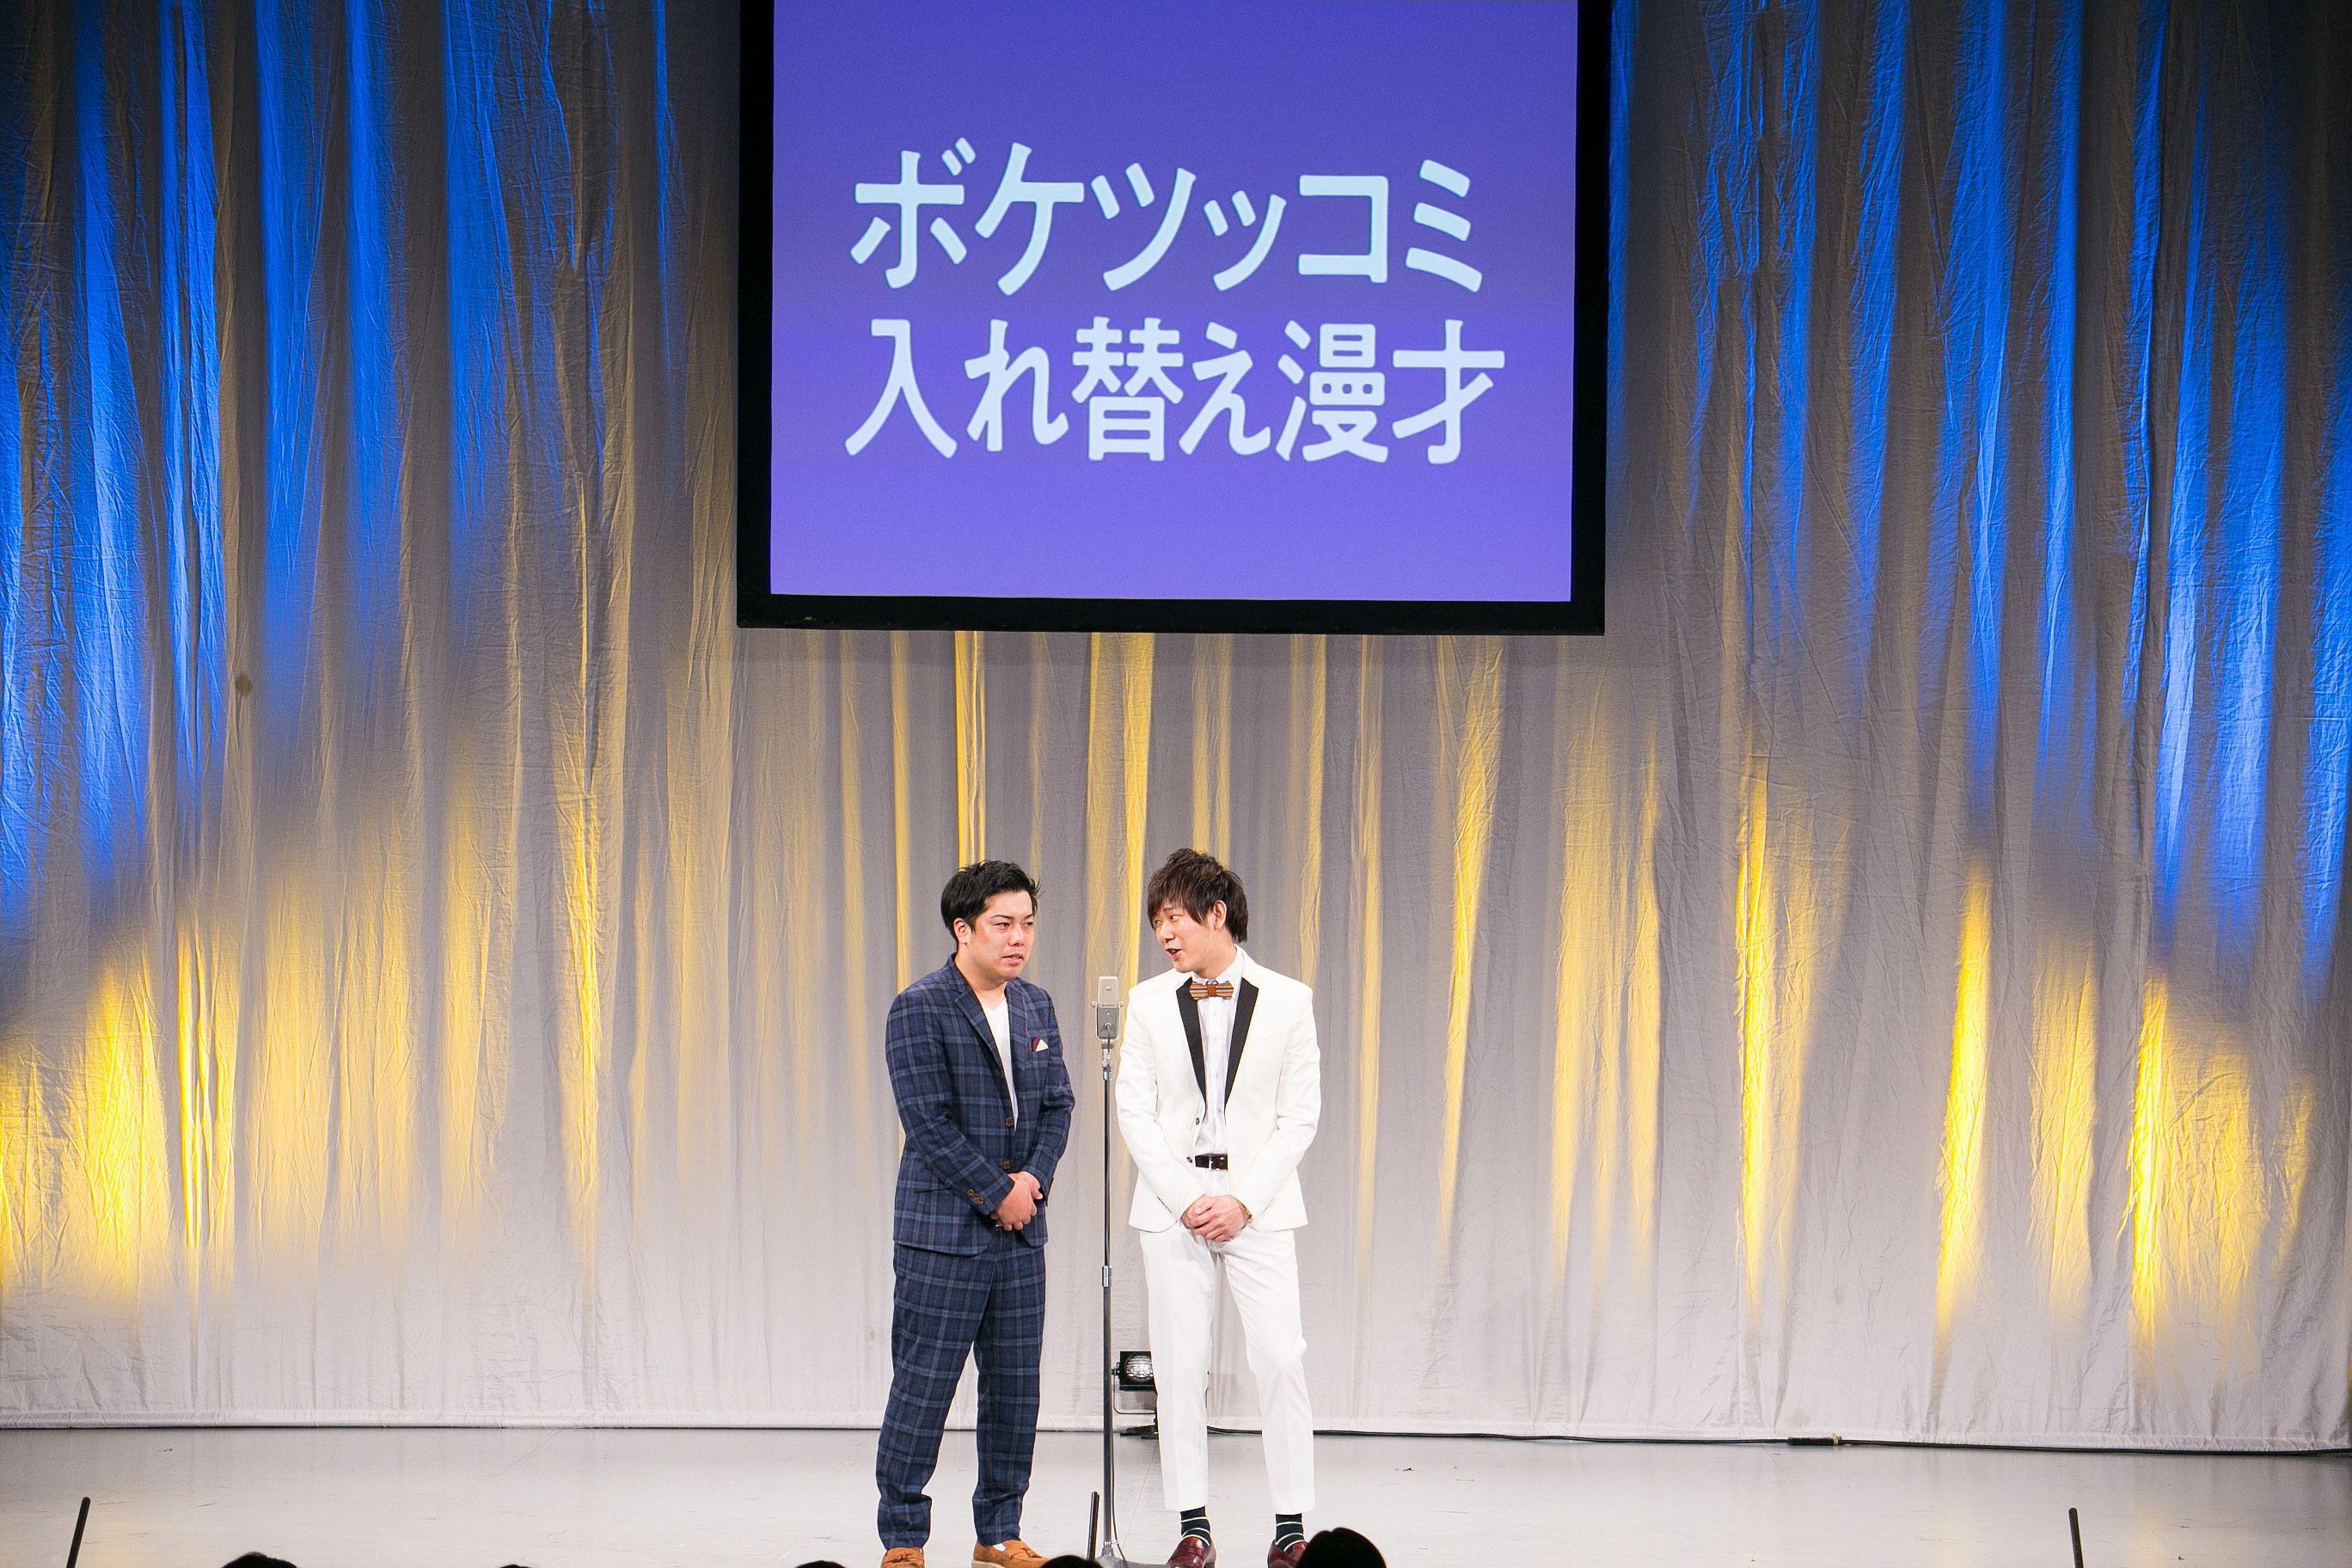 http://news.yoshimoto.co.jp/20180430213920-58c0b0d3b4d0368dde58ef393b8a8024b7d82599.jpg